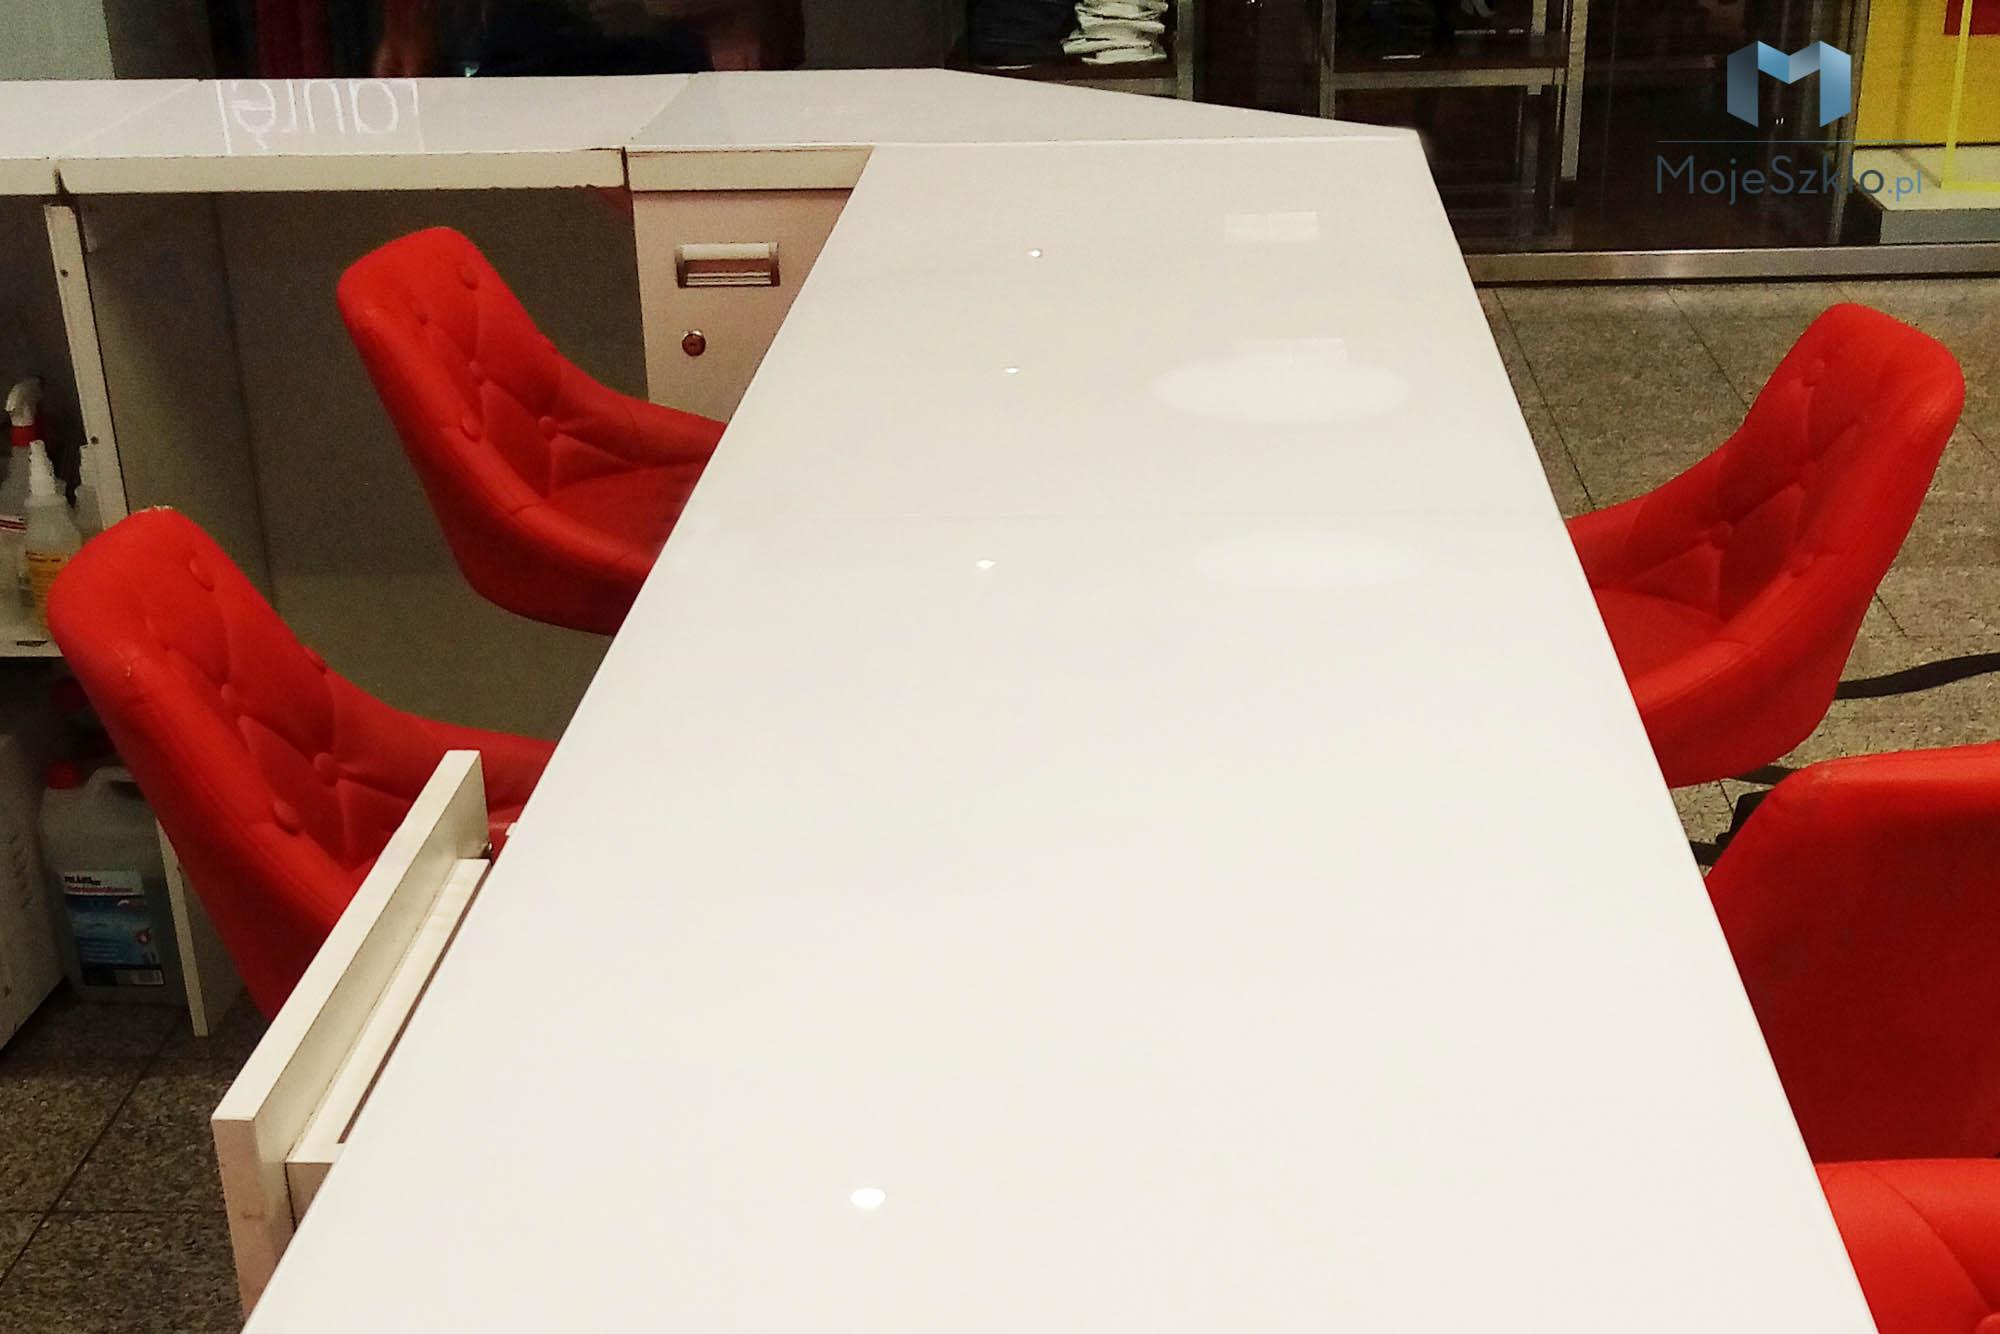 Panele Szklane Lacobel Blat Krakow - Panele szklane lacobel zastosowania komercyjne